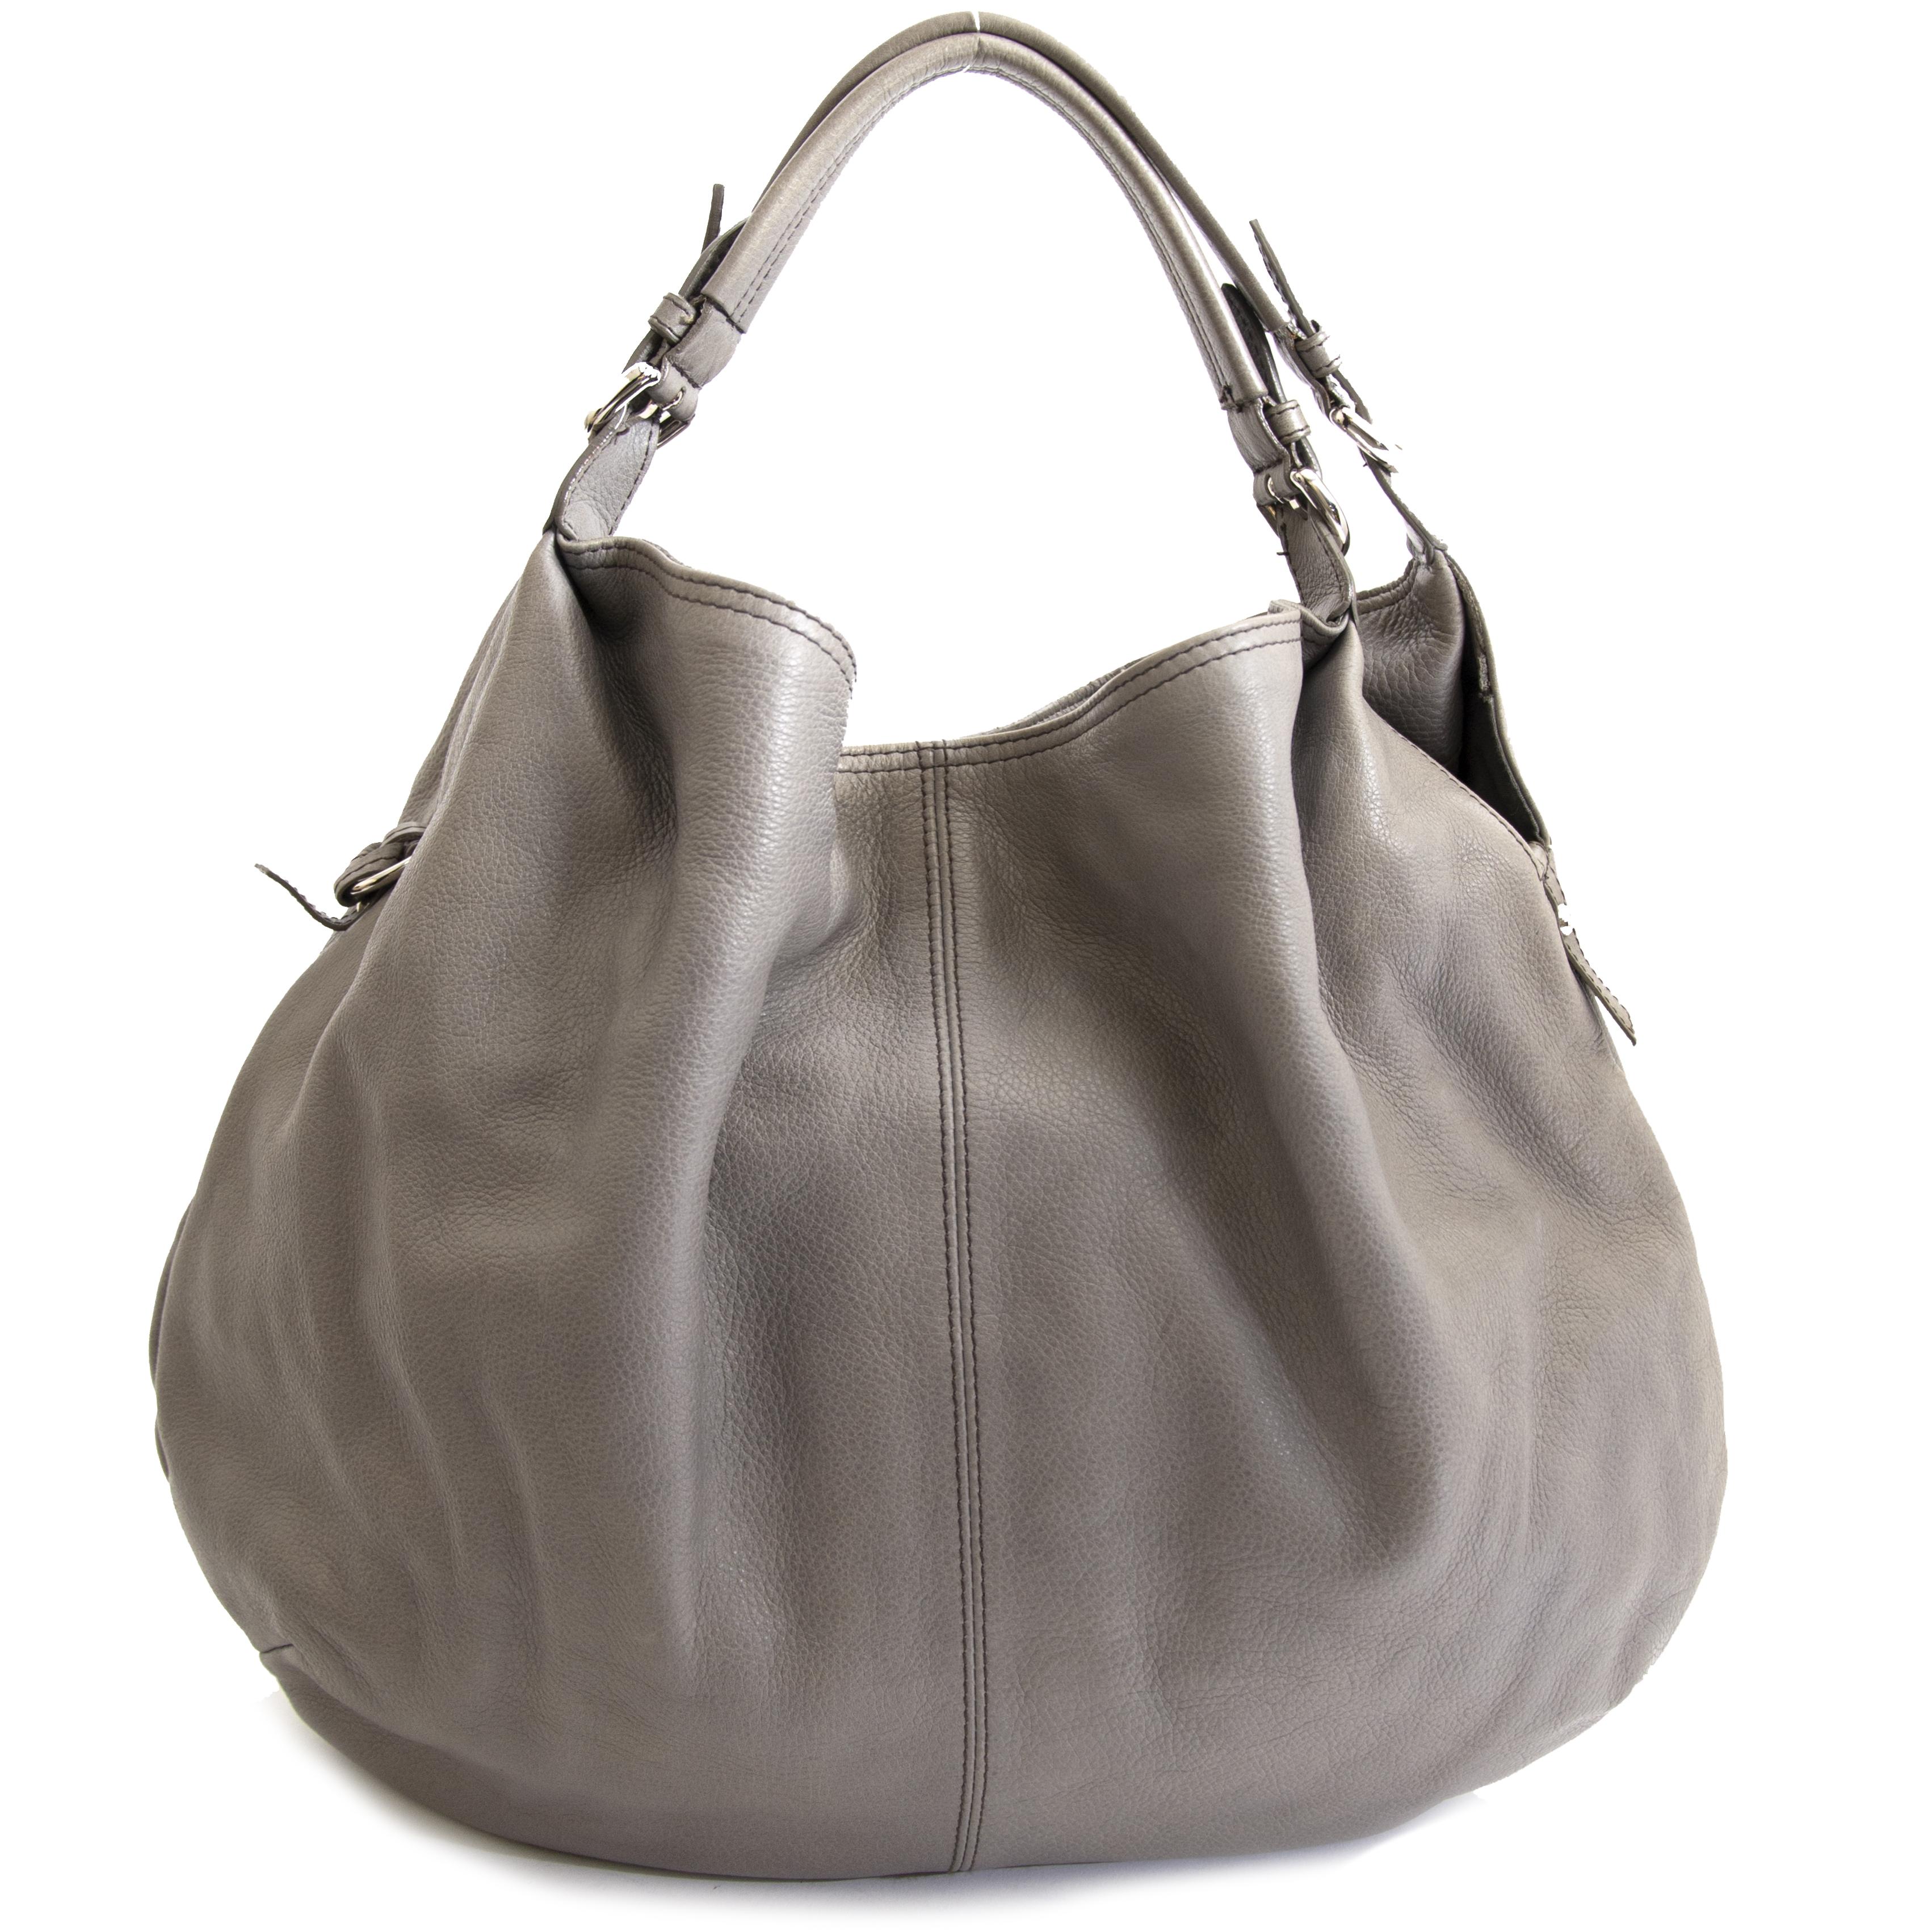 Authentieke tweedehands Furla Shoulder Bag Grey koop online webshop LabelLOV